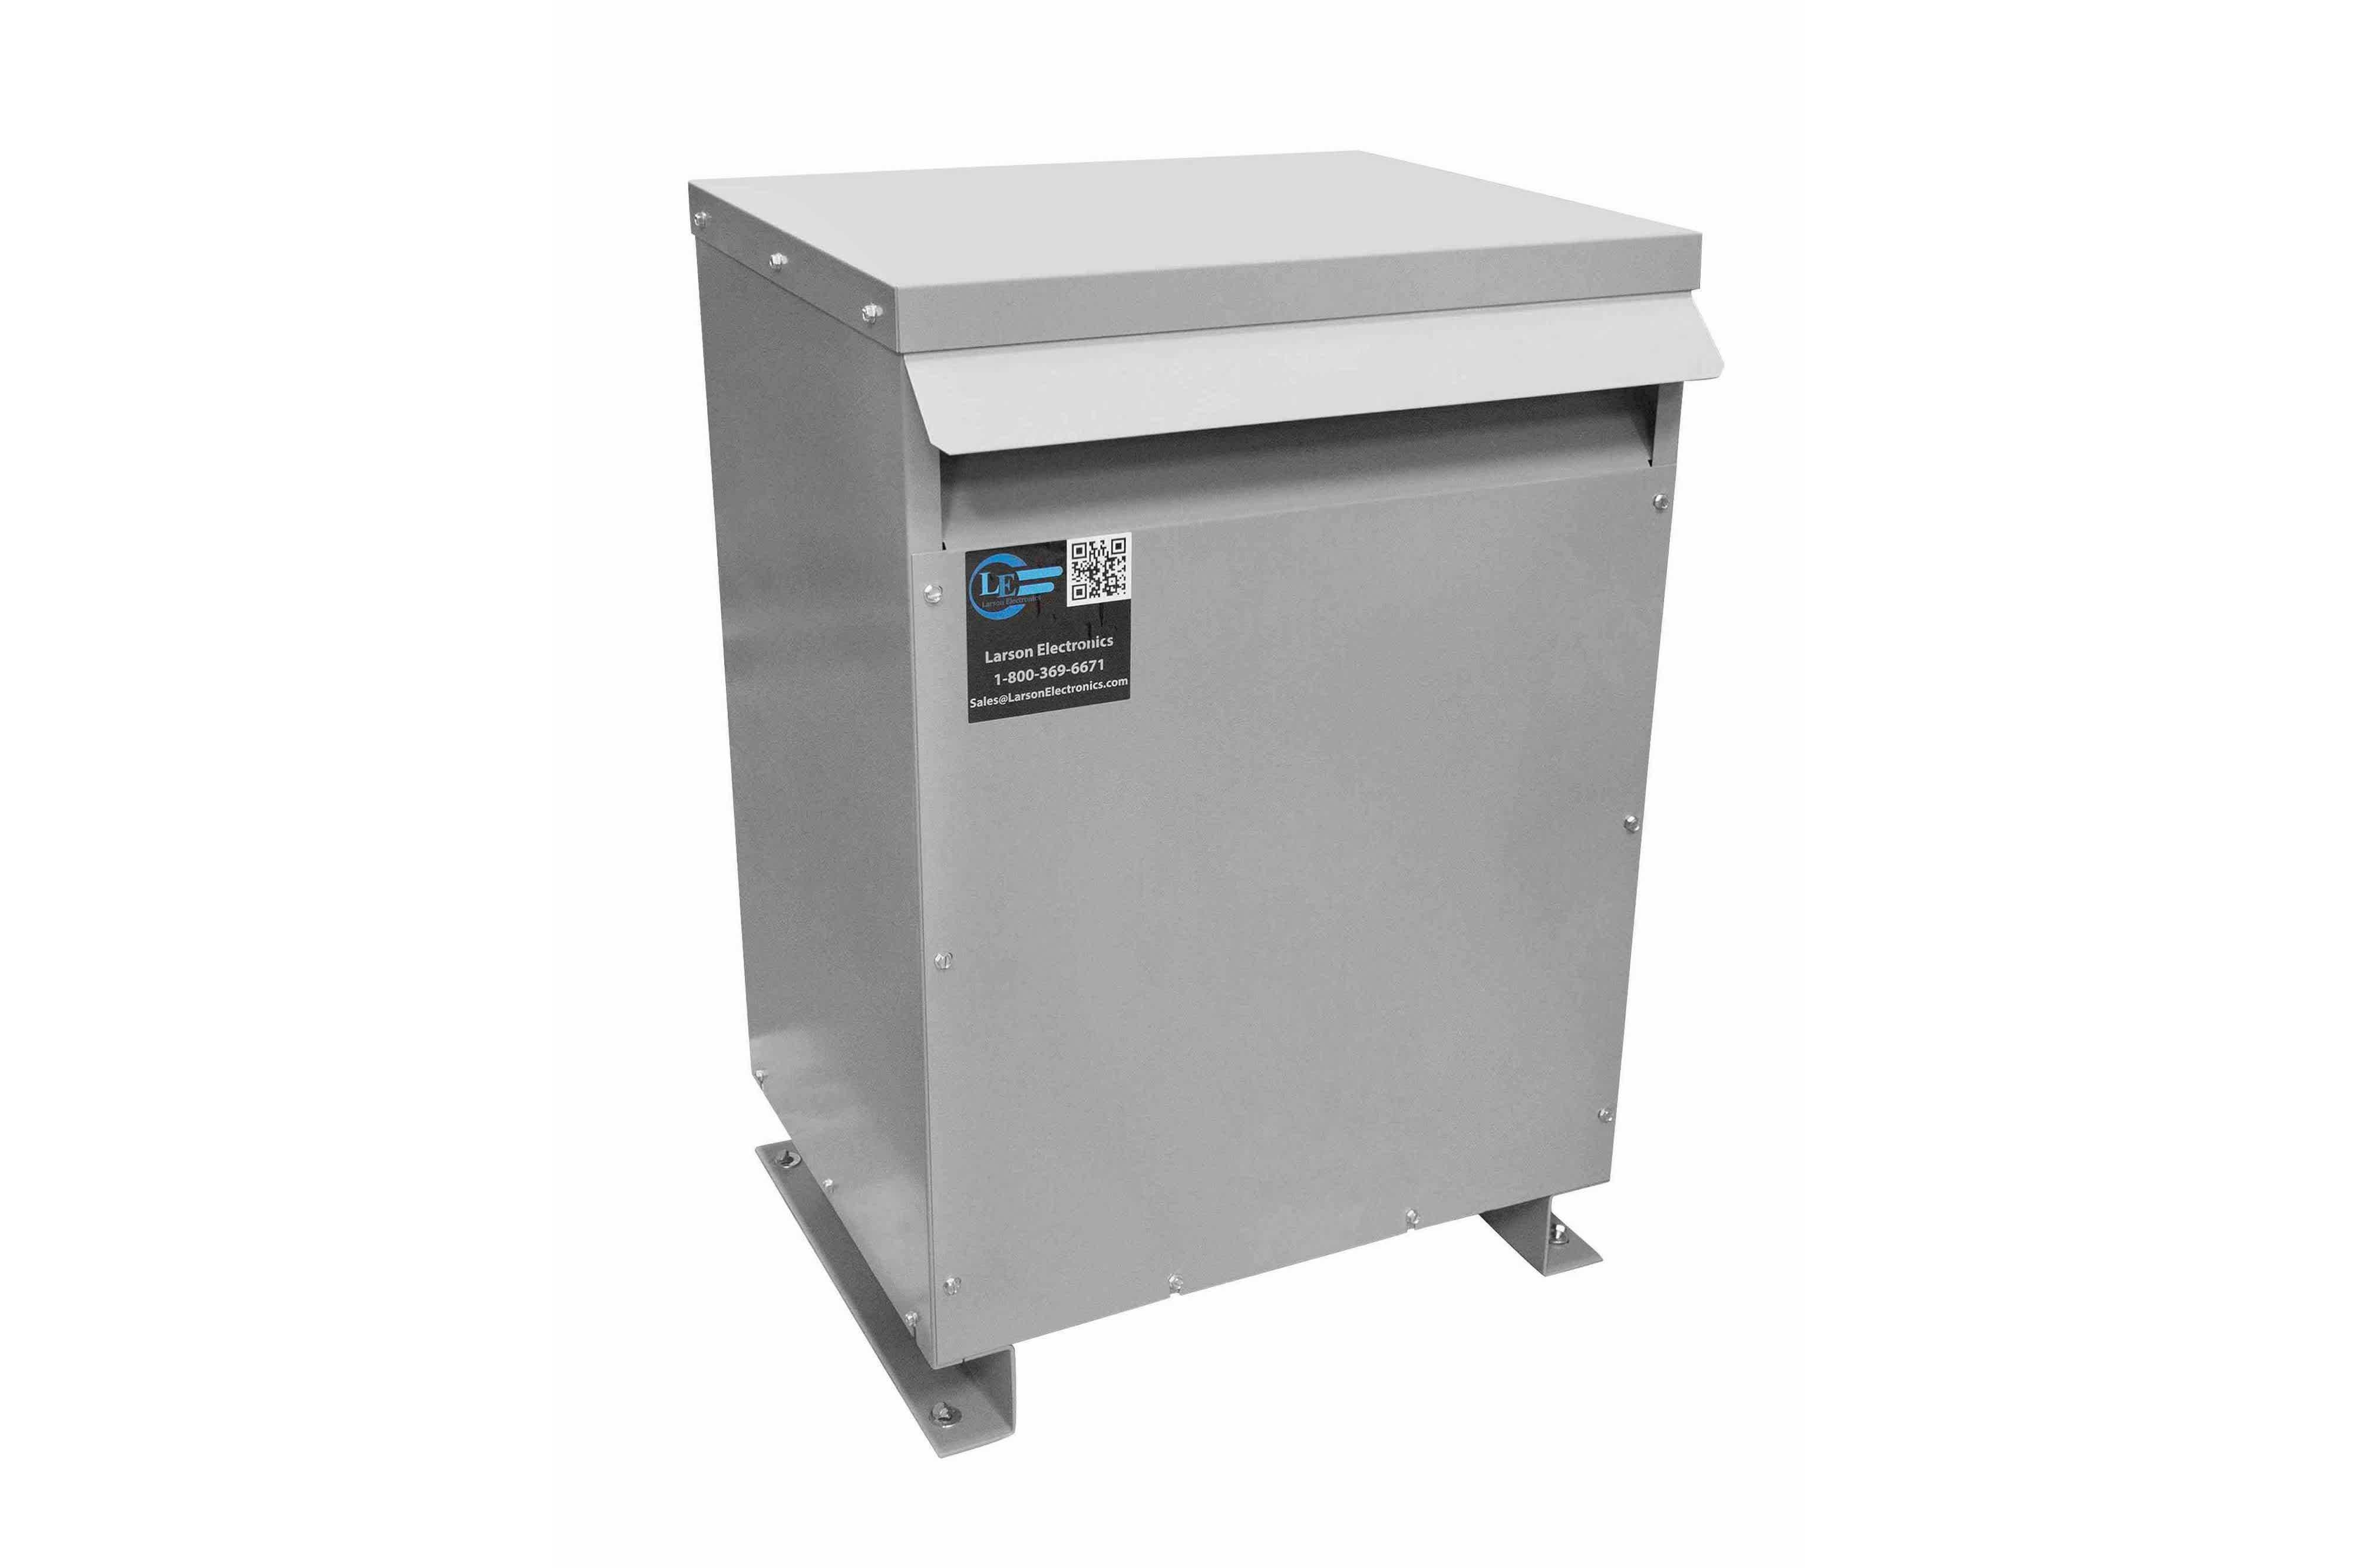 60 kVA 3PH Isolation Transformer, 480V Delta Primary, 600V Delta Secondary, N3R, Ventilated, 60 Hz